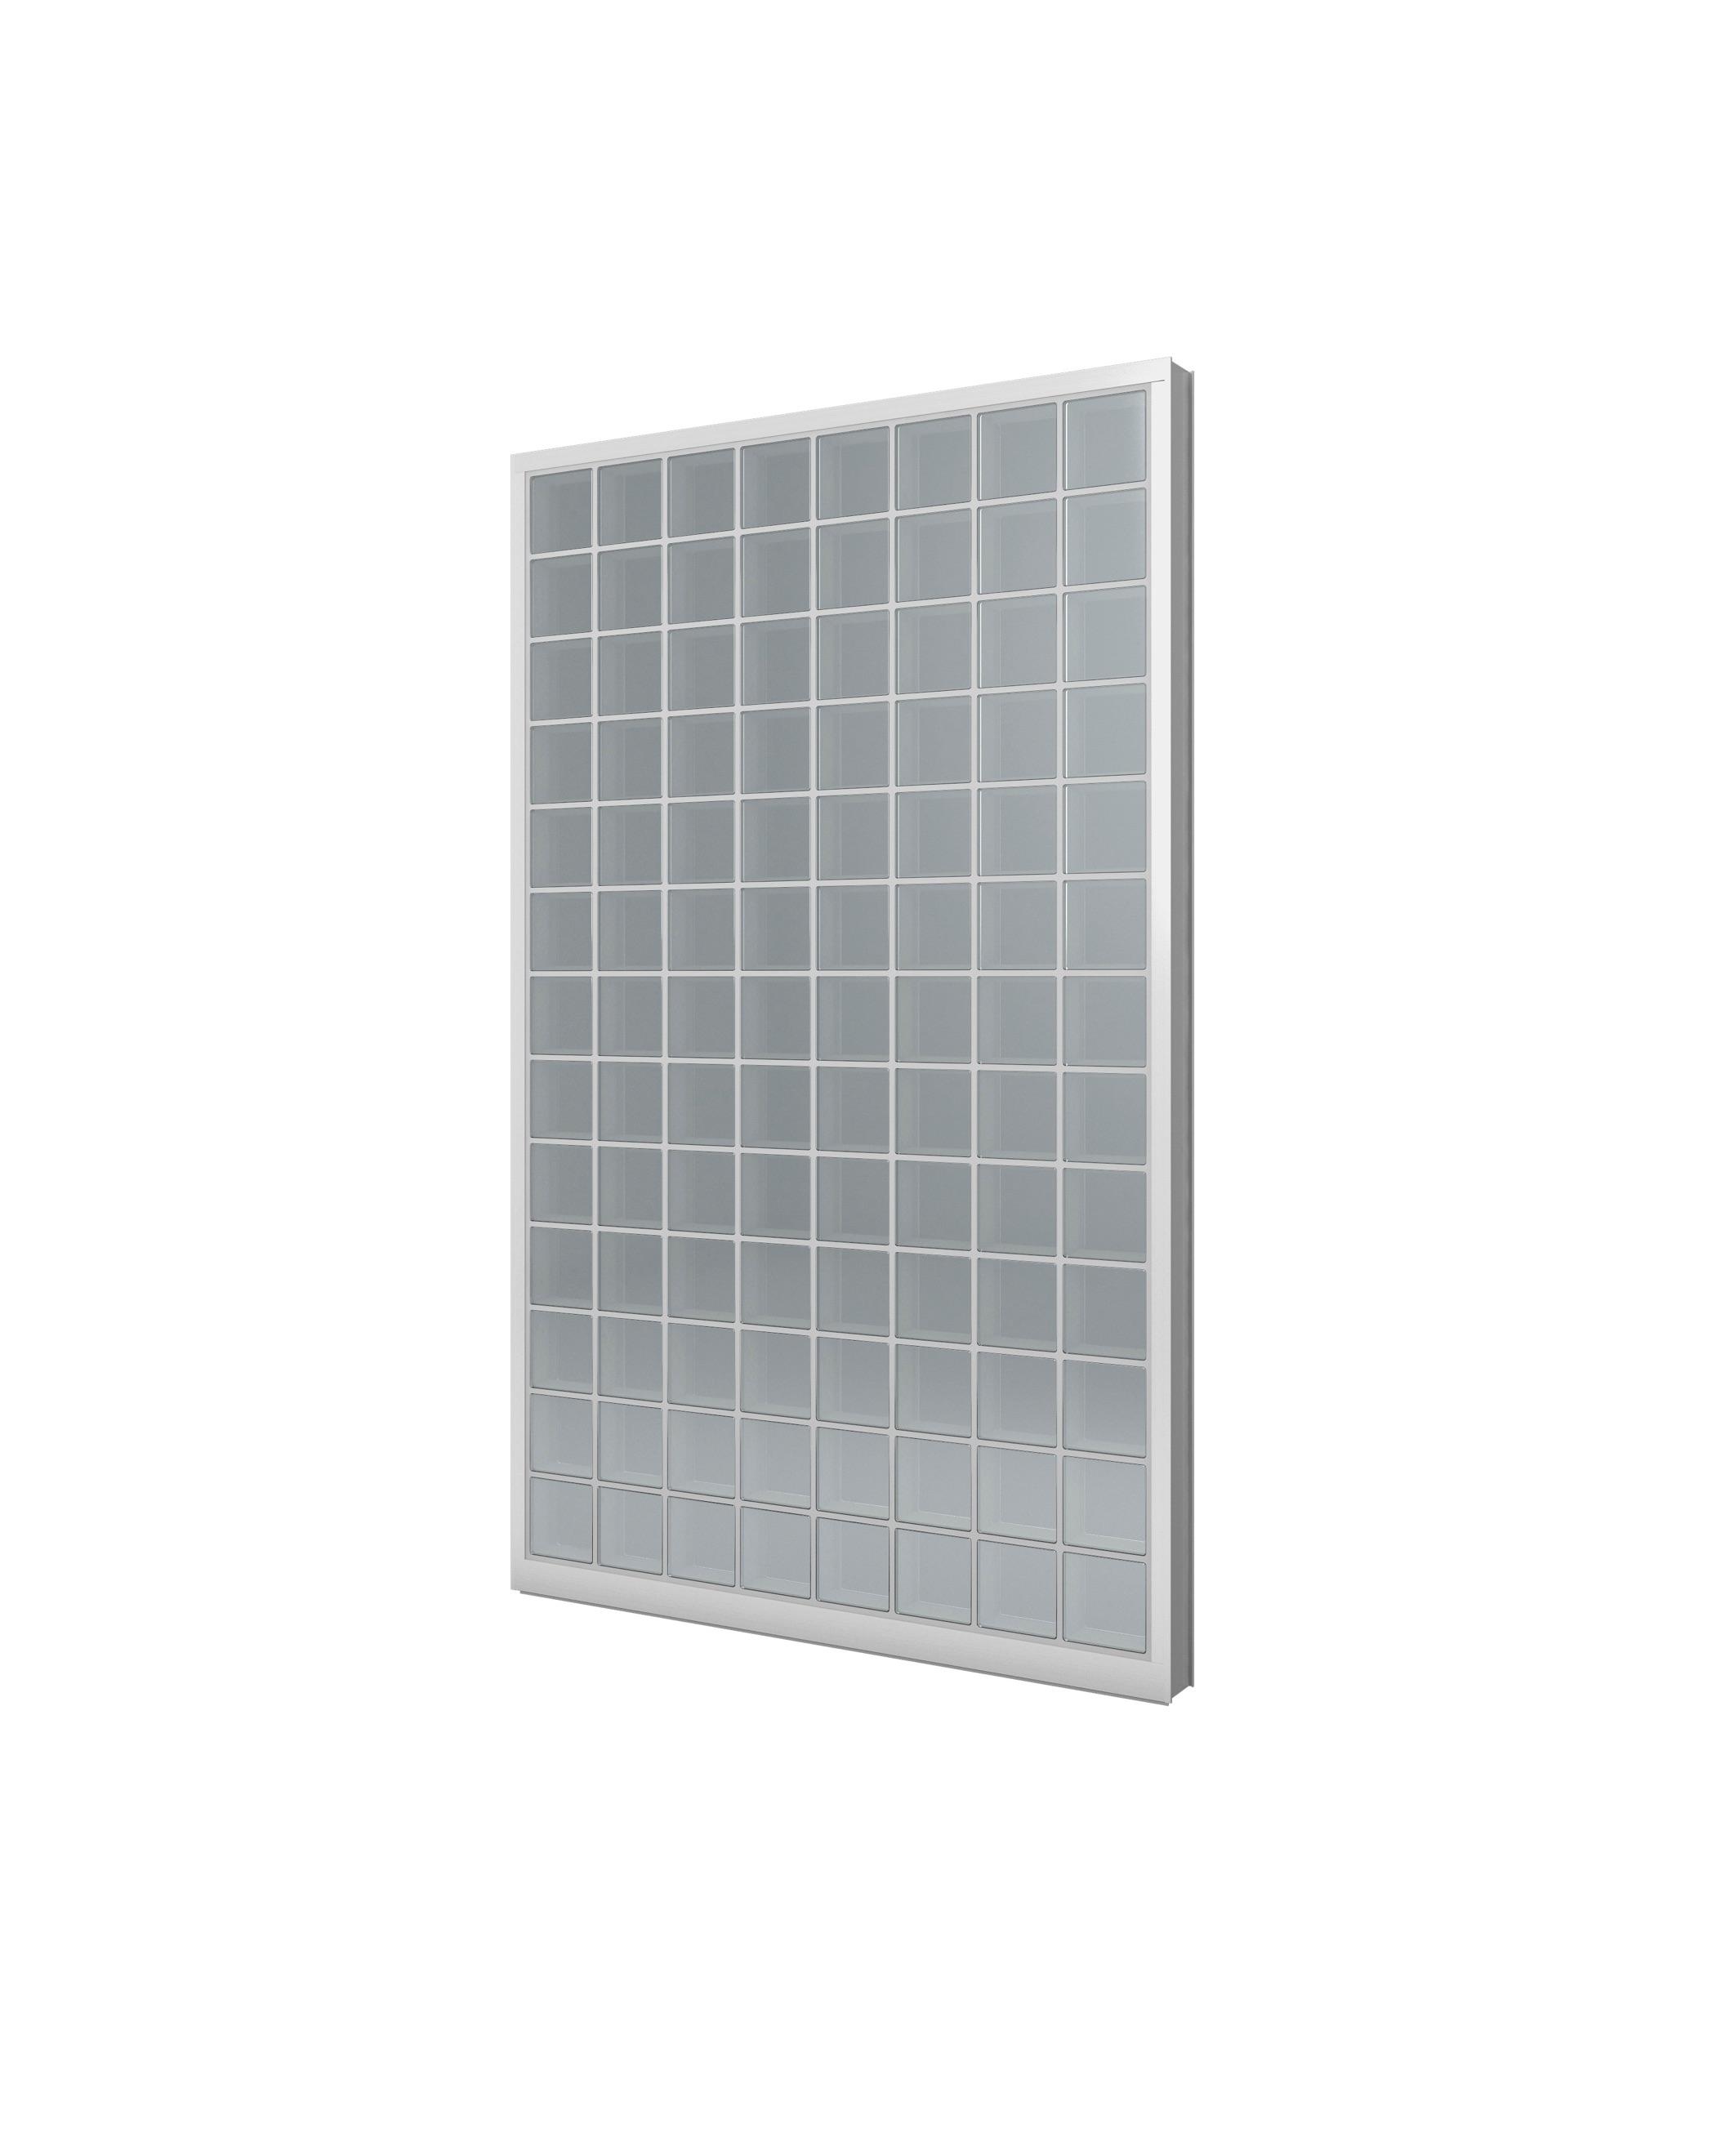 三協アルミ、防火アルミ形材ガラスブロック枠を発売